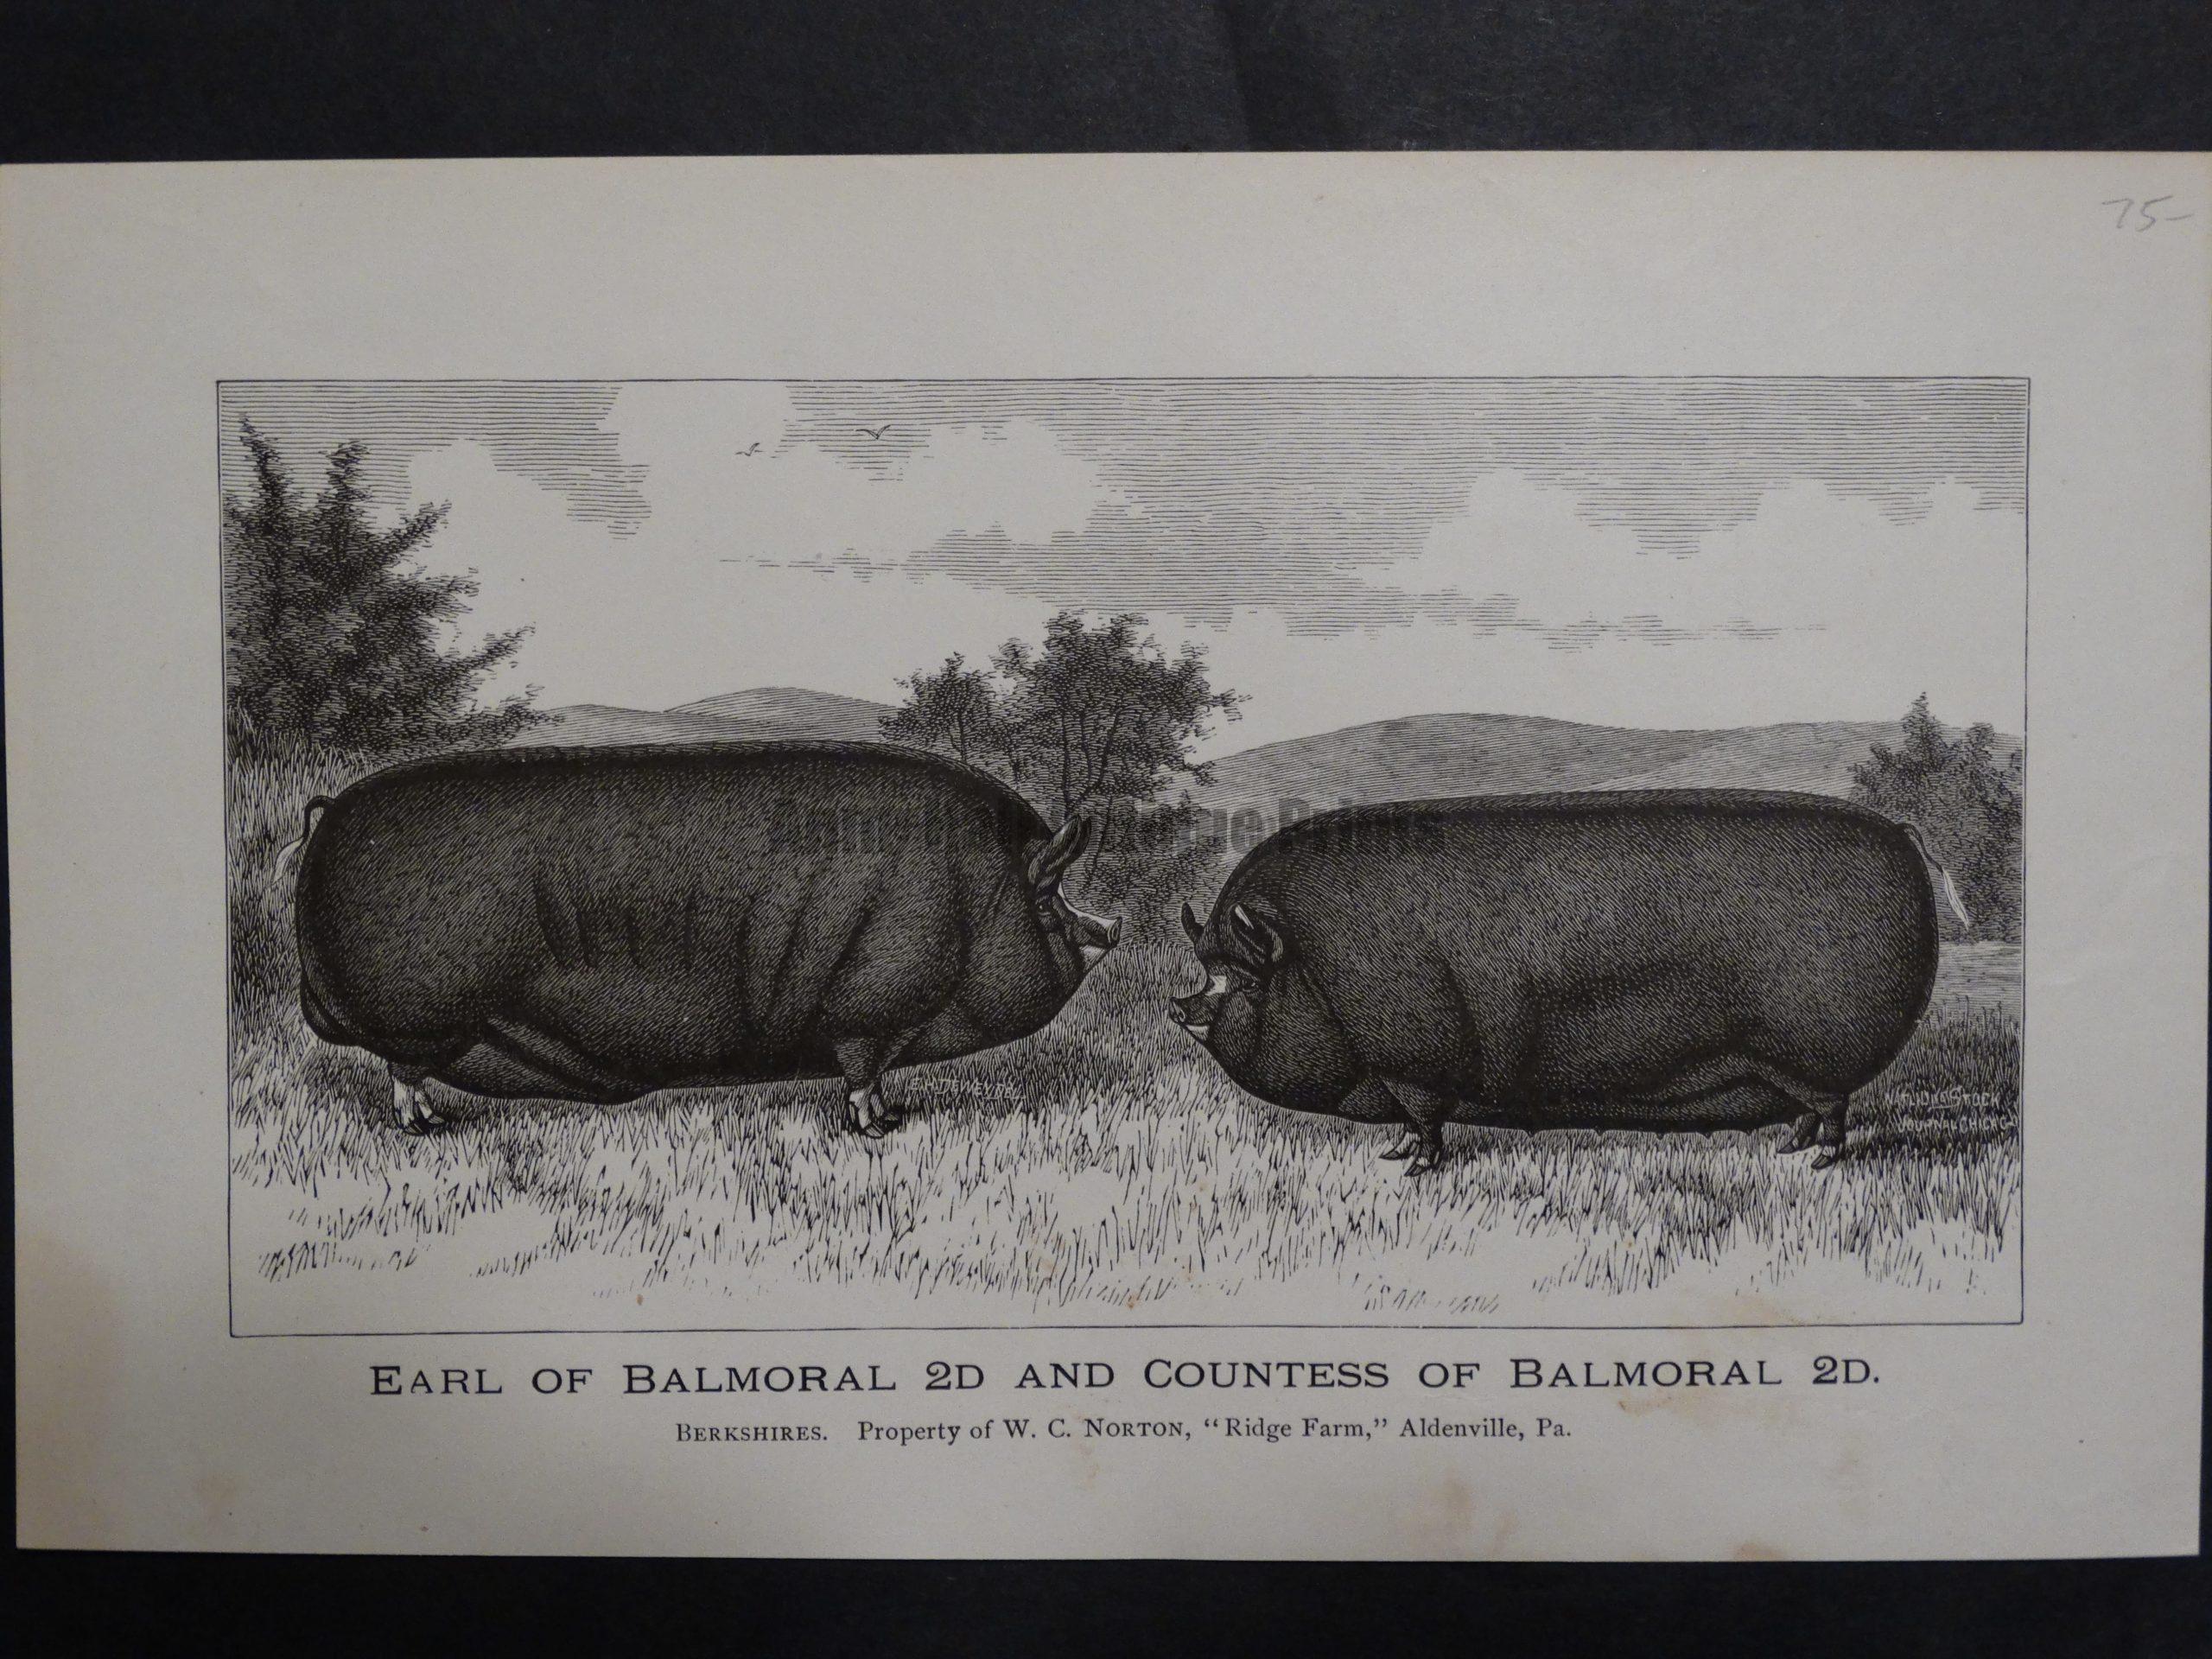 Earl and Countess of Balmoral, c.1885. $75.